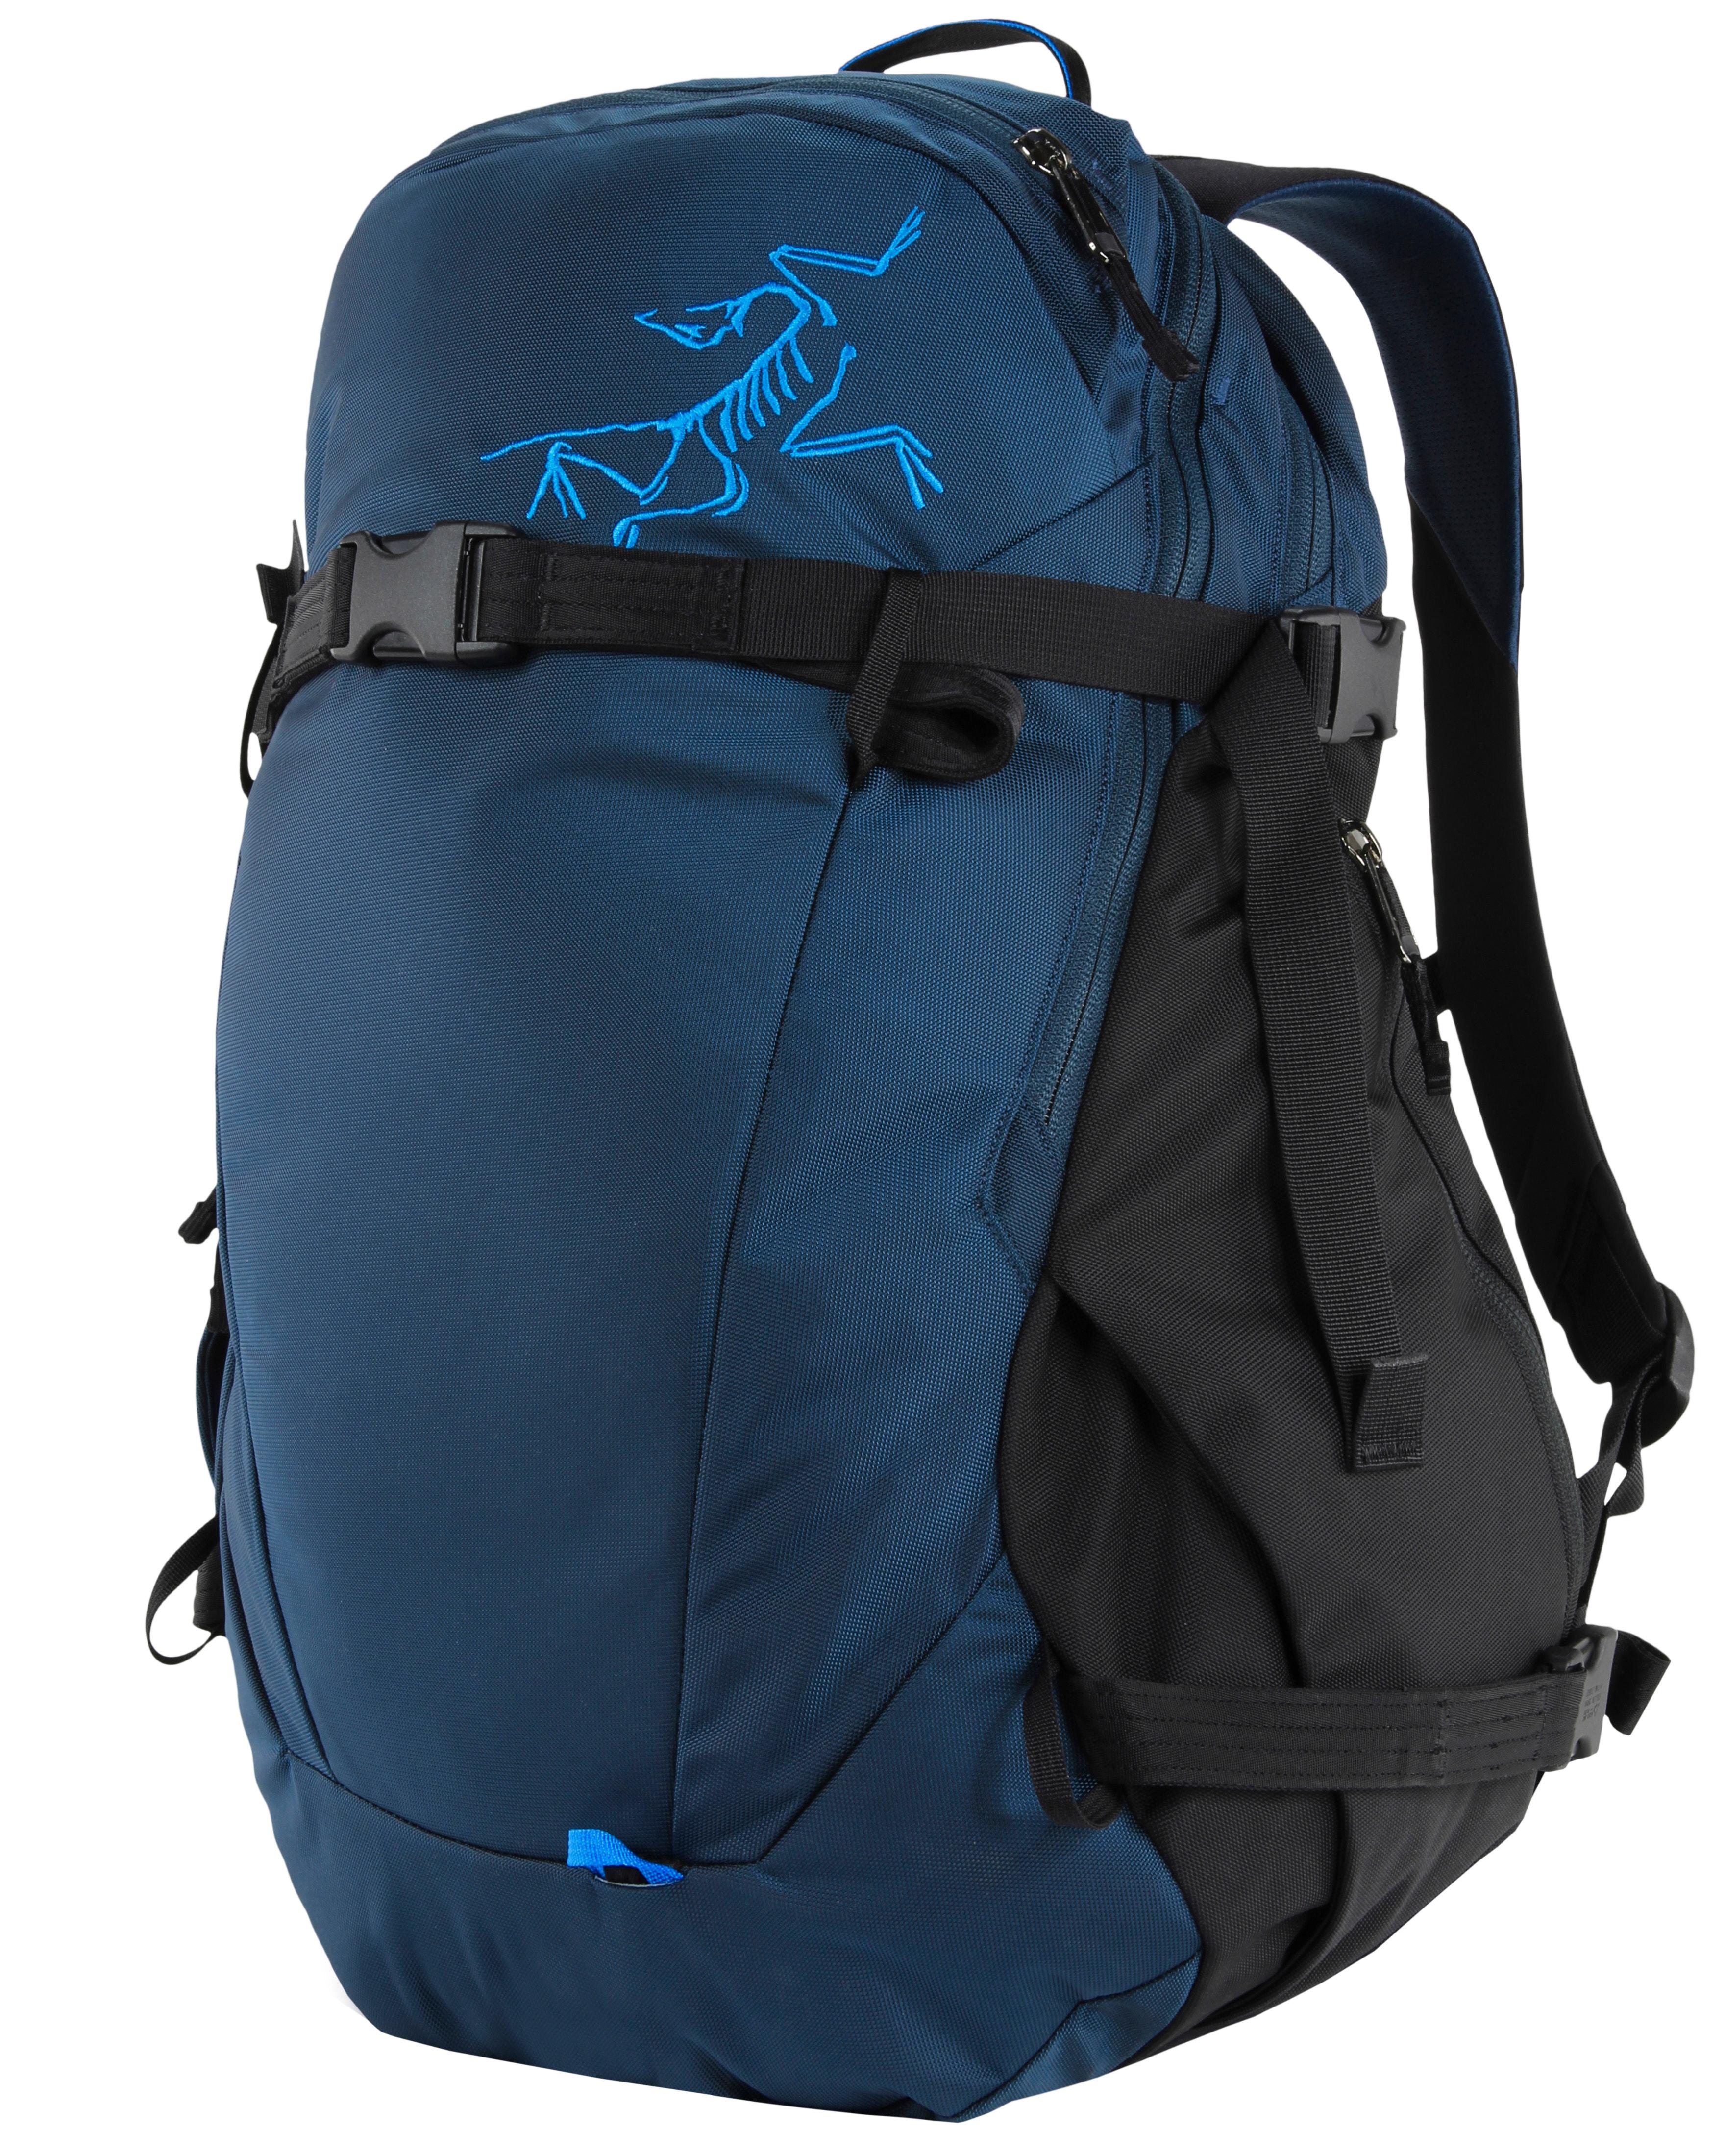 06ec09ea60 Used Quintic 28L Backpack | Arc'teryx Rock Solid